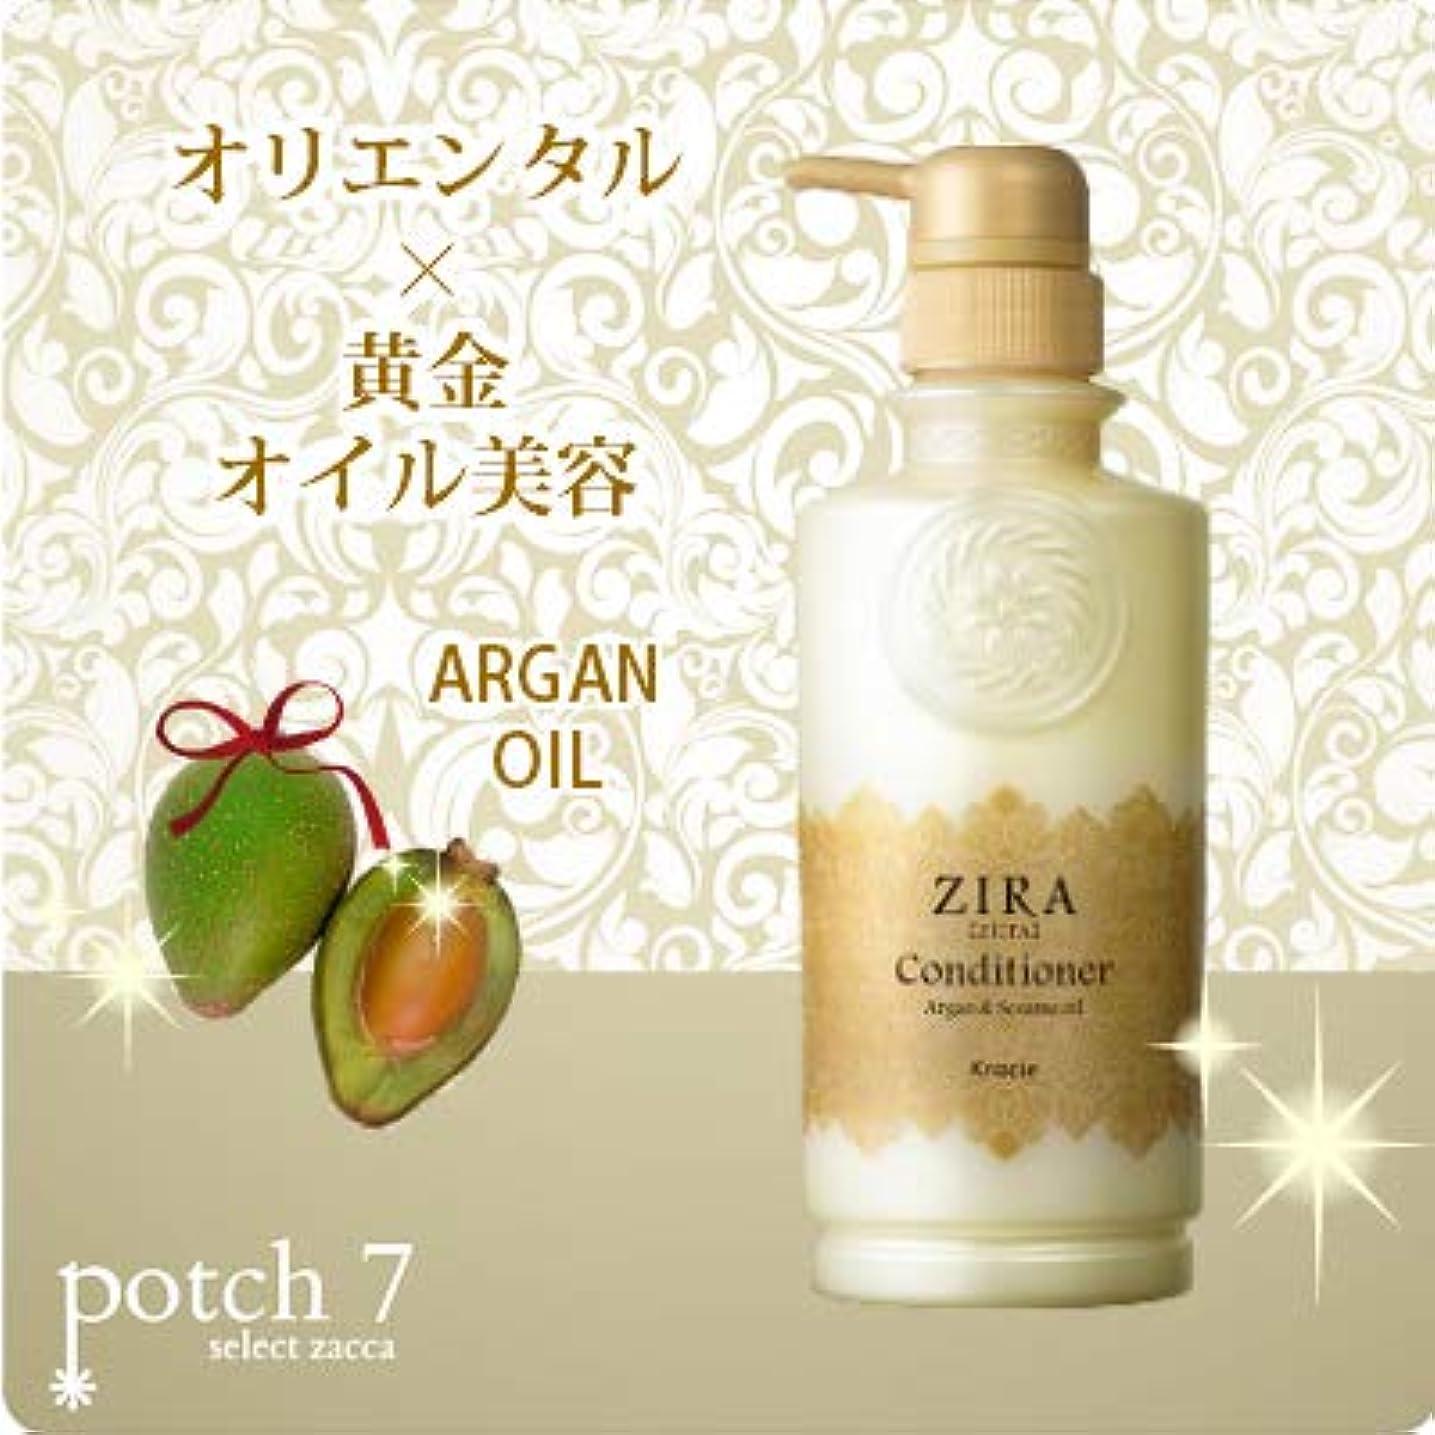 純正到着ポイントKracie クラシエ ZIRA ジーラ コンディショナー 420ml オリエンタル美容